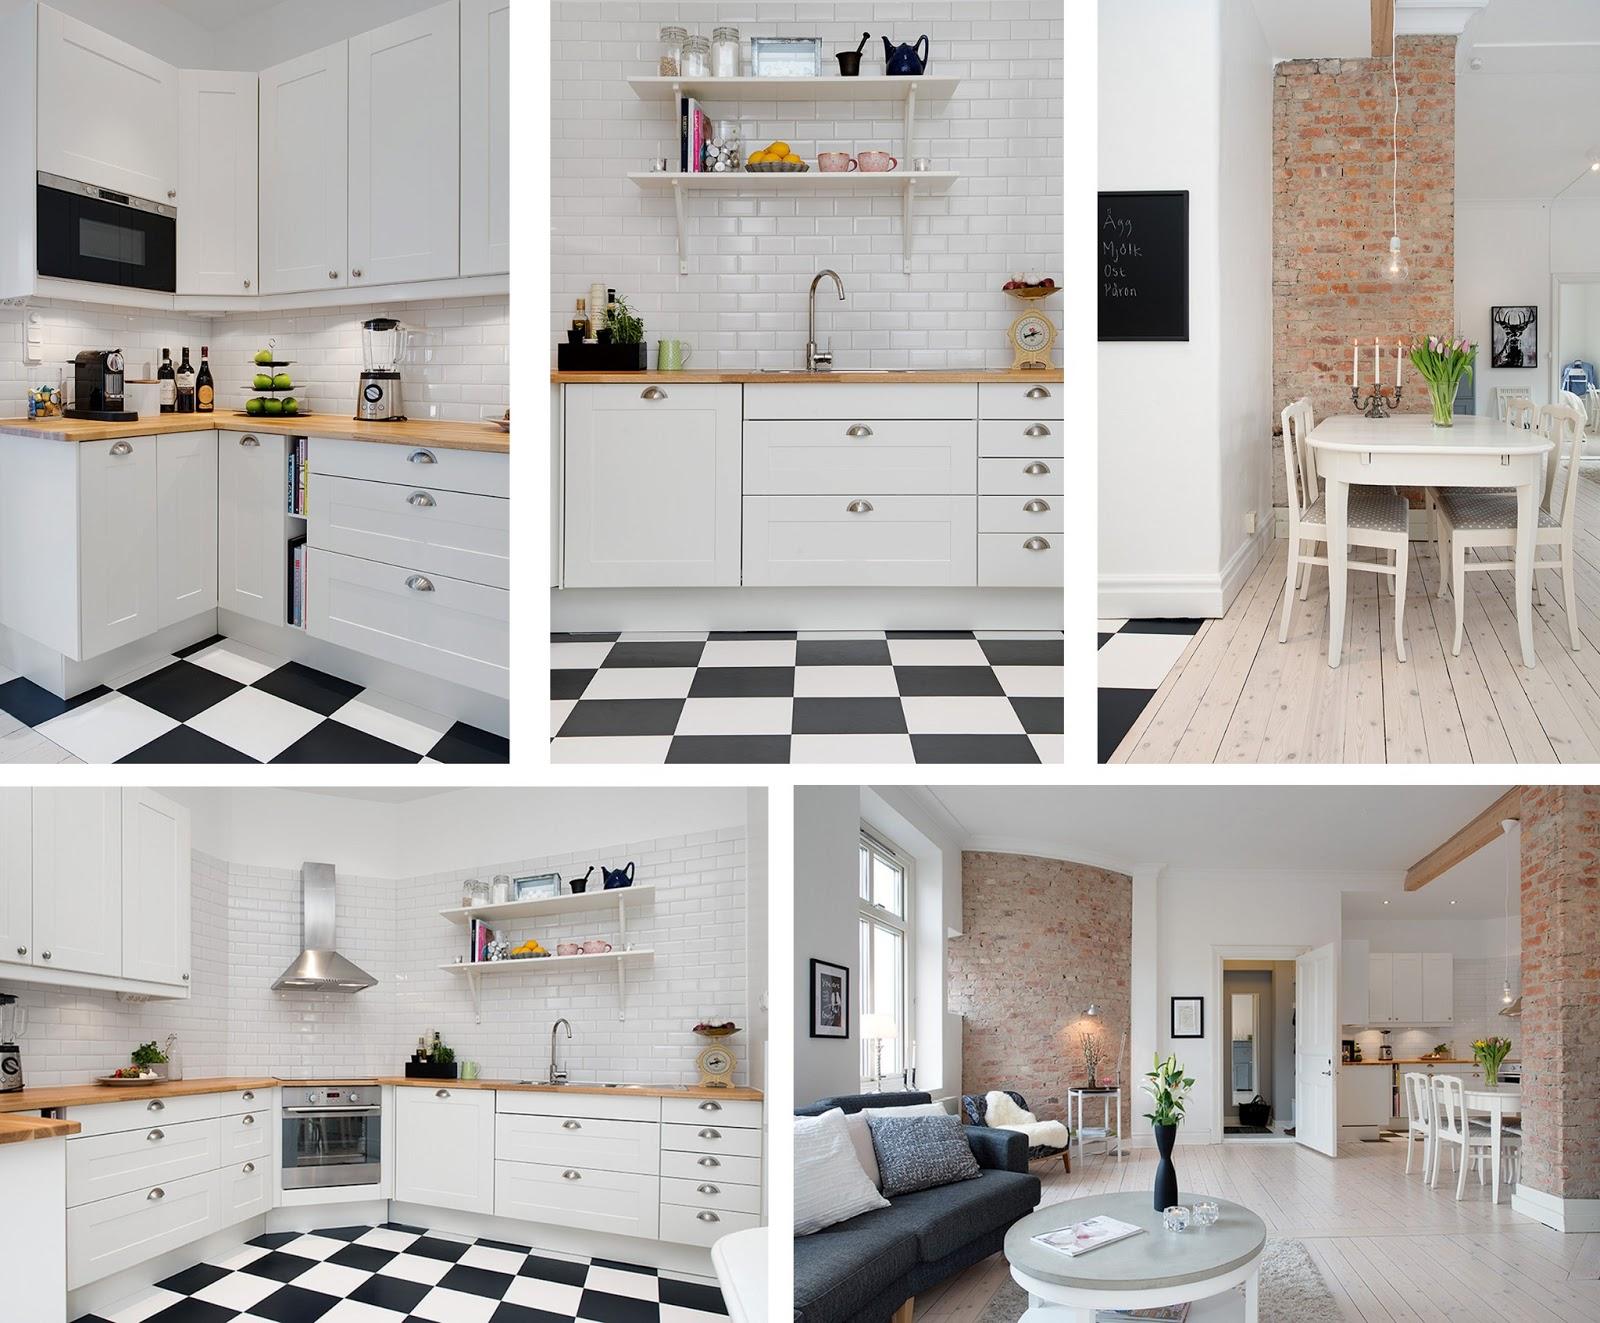 Azulejos azulejos de ba o interceramic decoraci n de - Azulejos blancos cocina ...